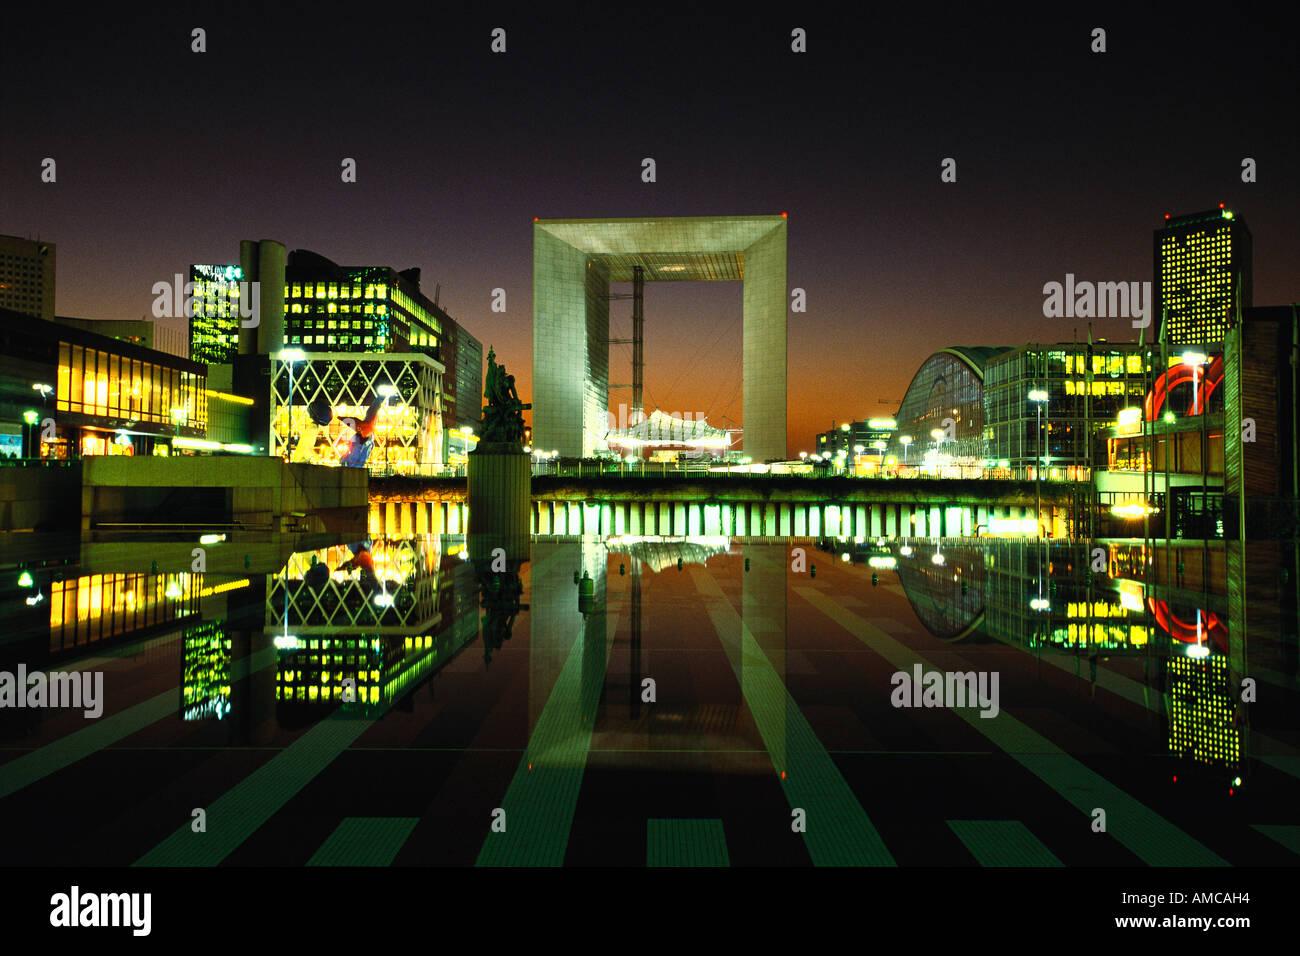 La Grande Arche de nuit, Paris, France Banque D'Images